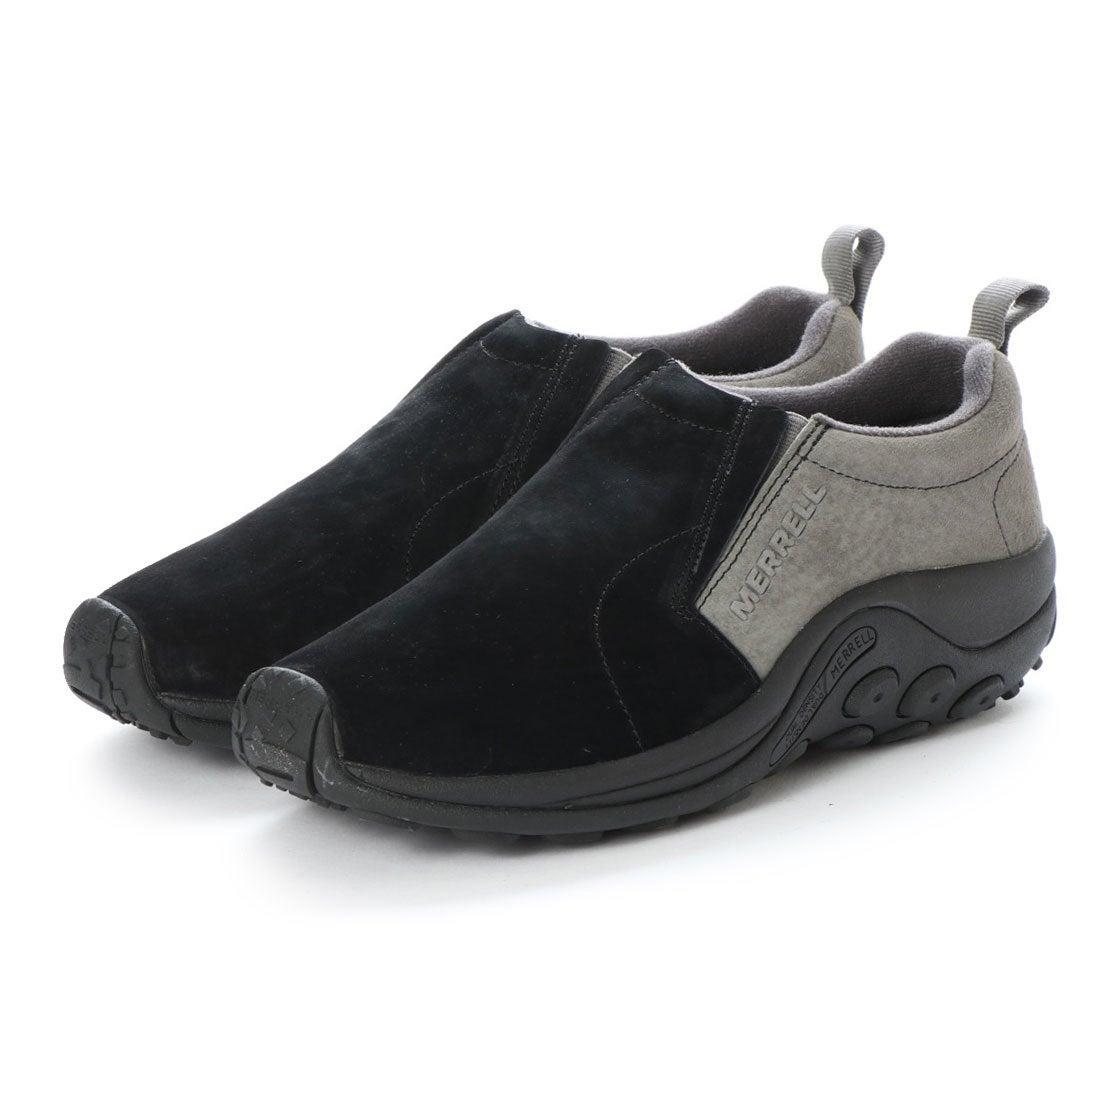 ロコンド 靴とファッションの通販サイトメレル MERRELL メンズ 短靴 シューズ 靴 JUNGLE MOC 98833